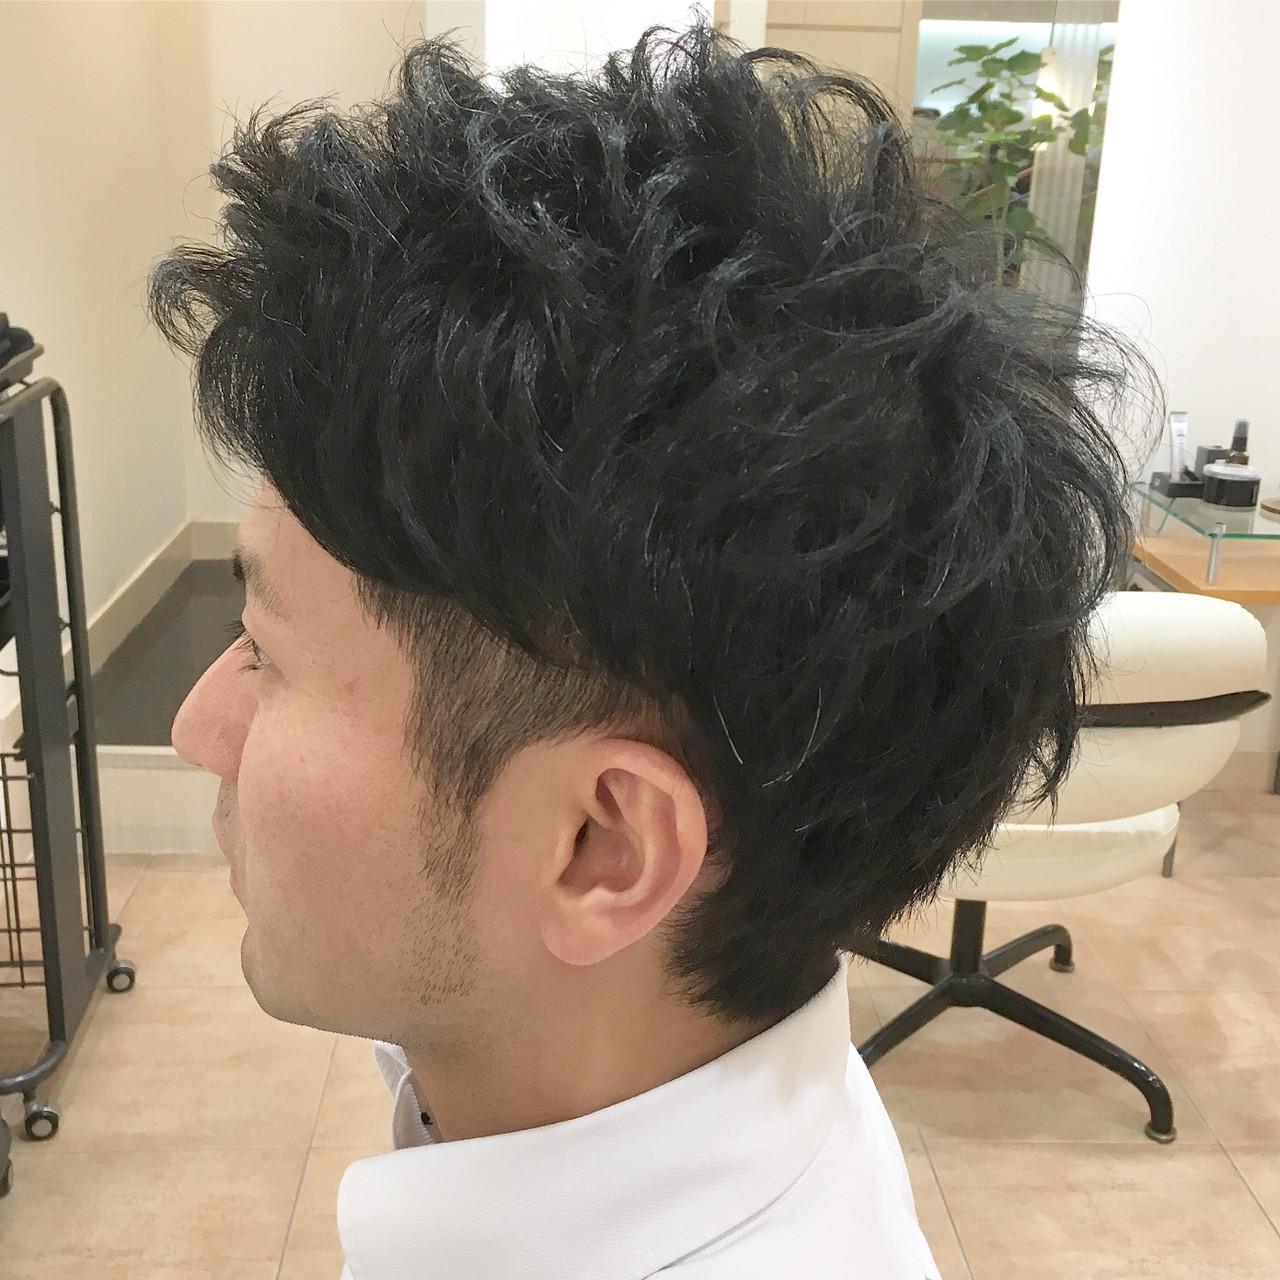 ナチュラル 刈り上げ アップバング メンズヘアスタイルや髪型の写真・画像